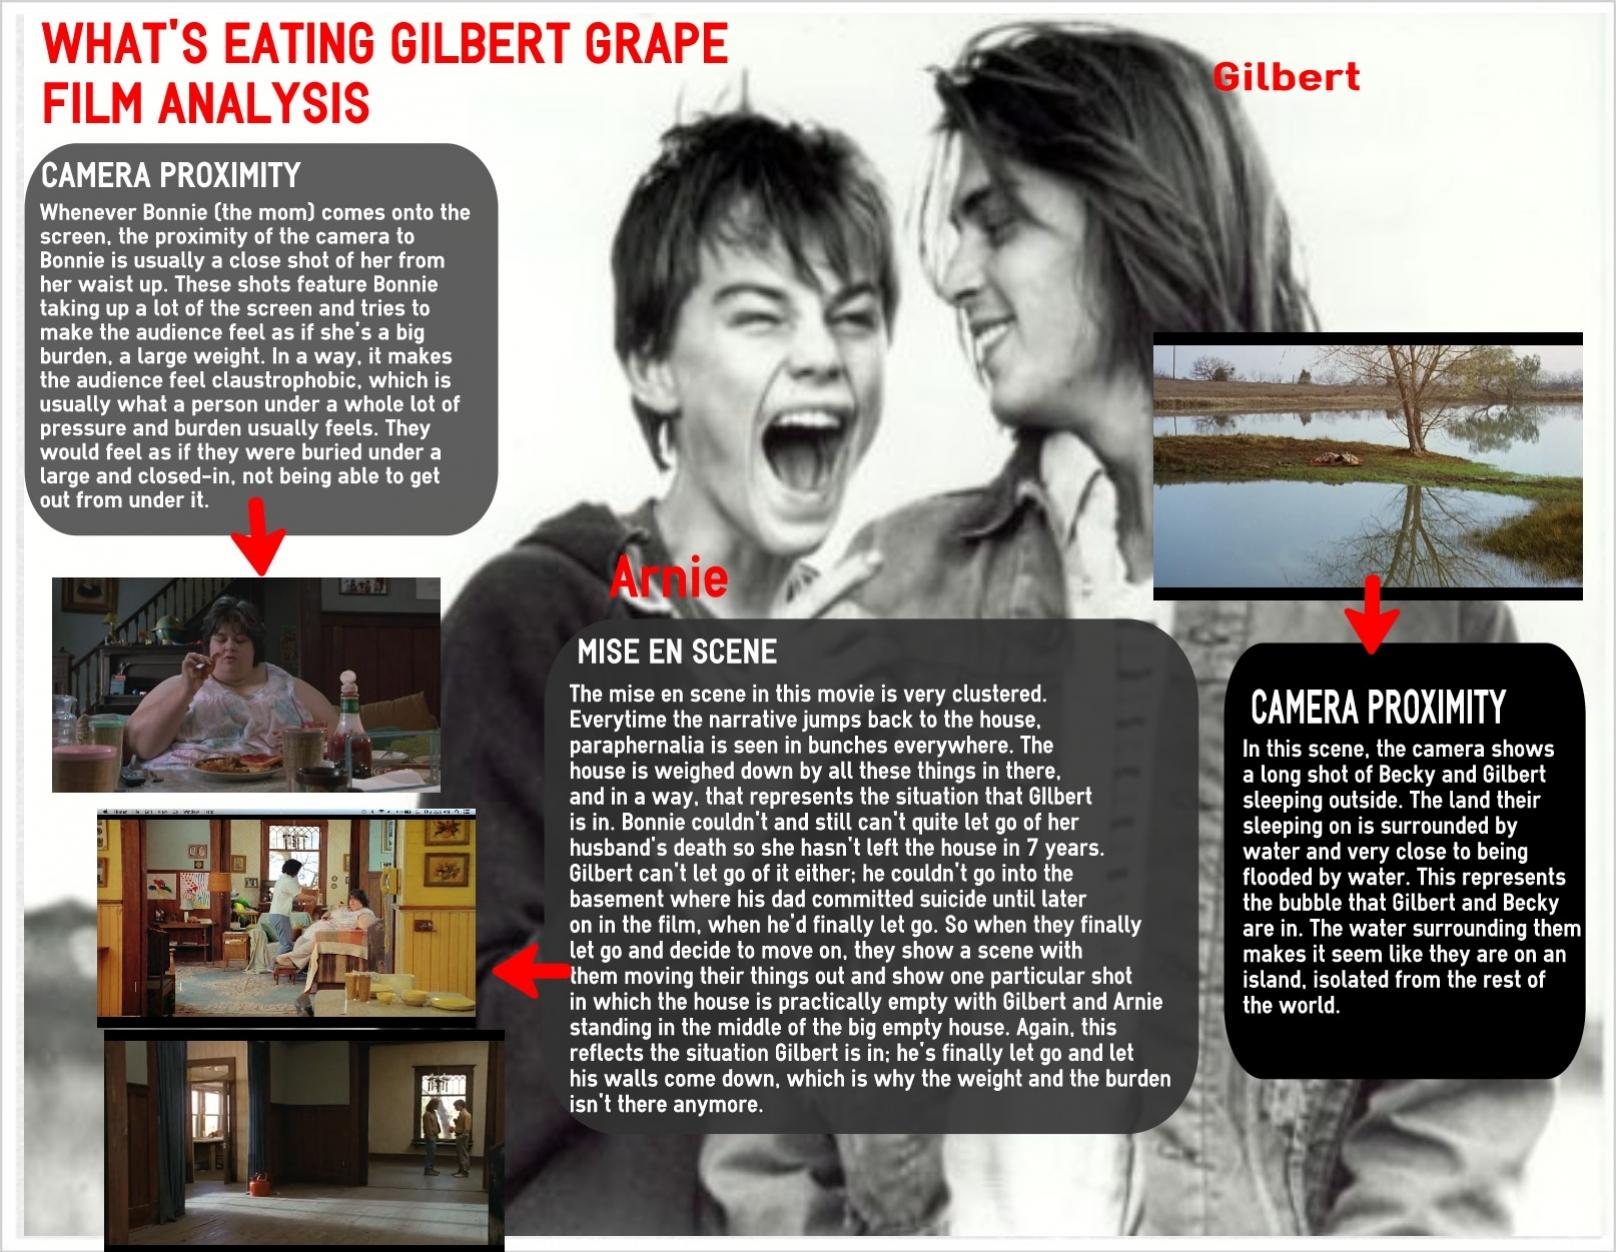 whats eating gilbert grape analysis